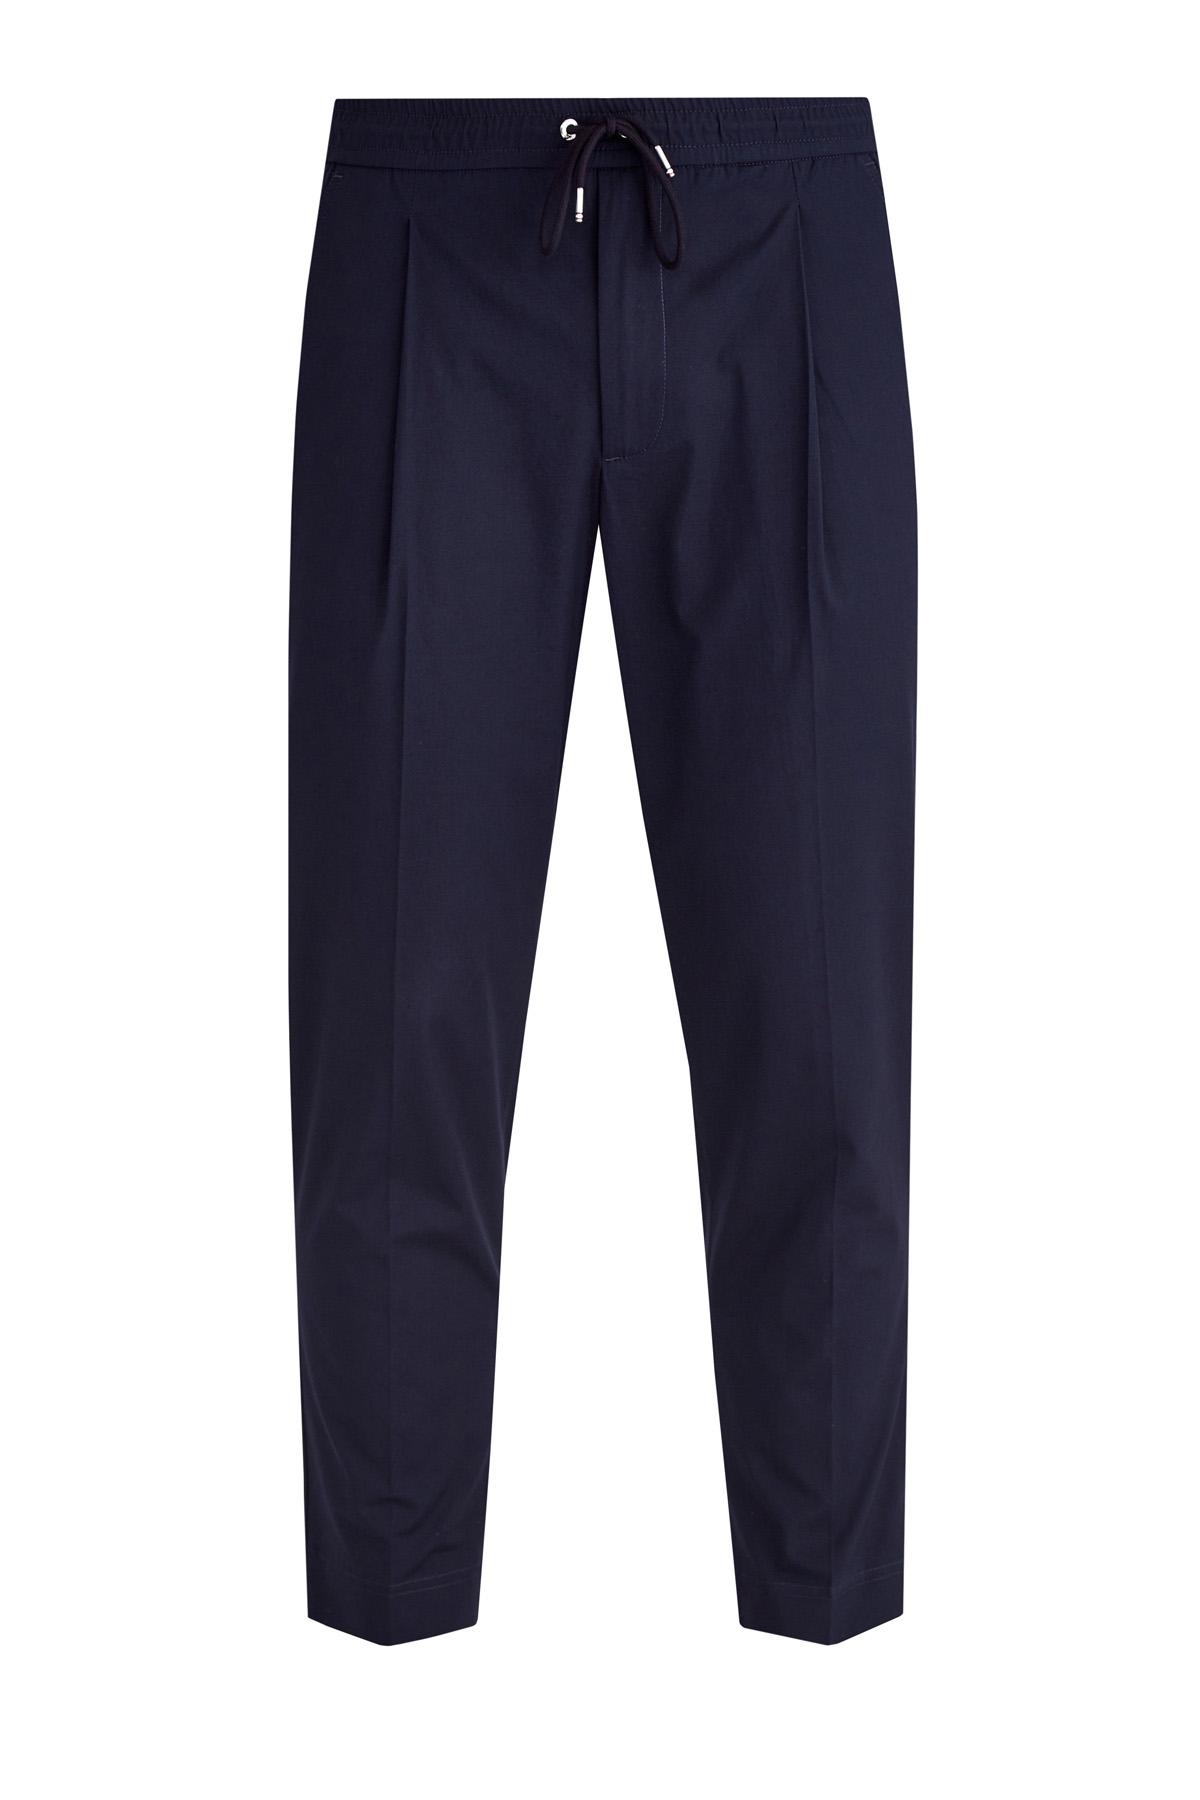 Купить со скидкой Укороченные брюки из габардина с заложенными складками